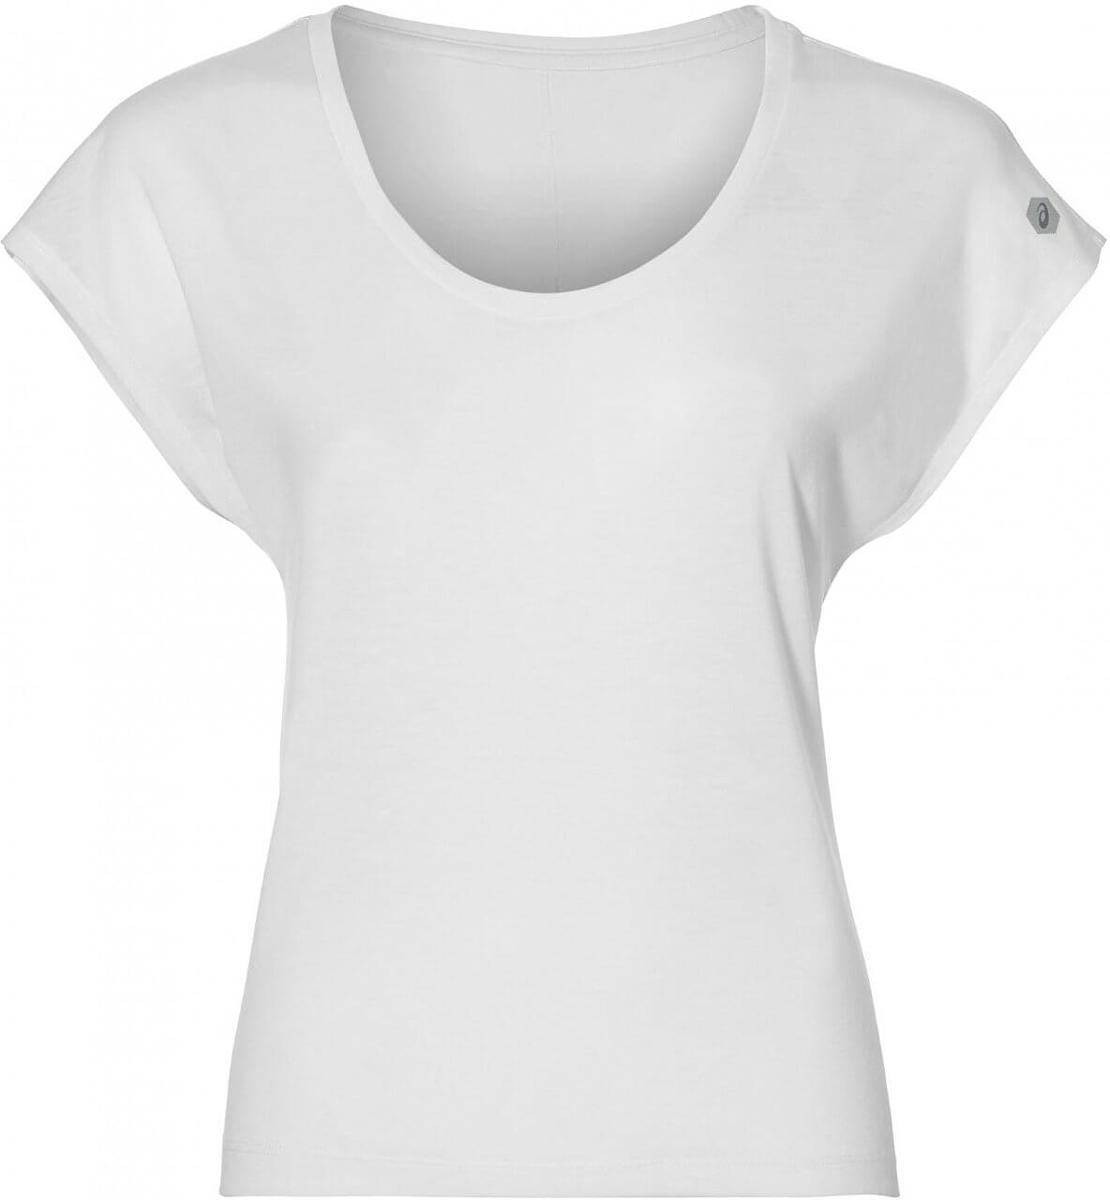 Футболка для фитнеса женская Asics SS Tee, цвет: белый. 149103-0014. Размер XL (50/52)149103-0014Футболка от Asics предназначена специально для бега и тренировок. Эта футболка обеспечит вам безупречный комфорт и достижение высоких спортивных результатов благодаря мягкой, эластичной ткани, которая отводит влагу и поддерживает тело сухим. Плоские швы не натирают кожу и обеспечивают полный комфорт. Фасон рукавов-реглан элегантен и создает свободу движений. Футболка декорирована логотипом. Максимальный комфорт и уникальный спортивный образ!